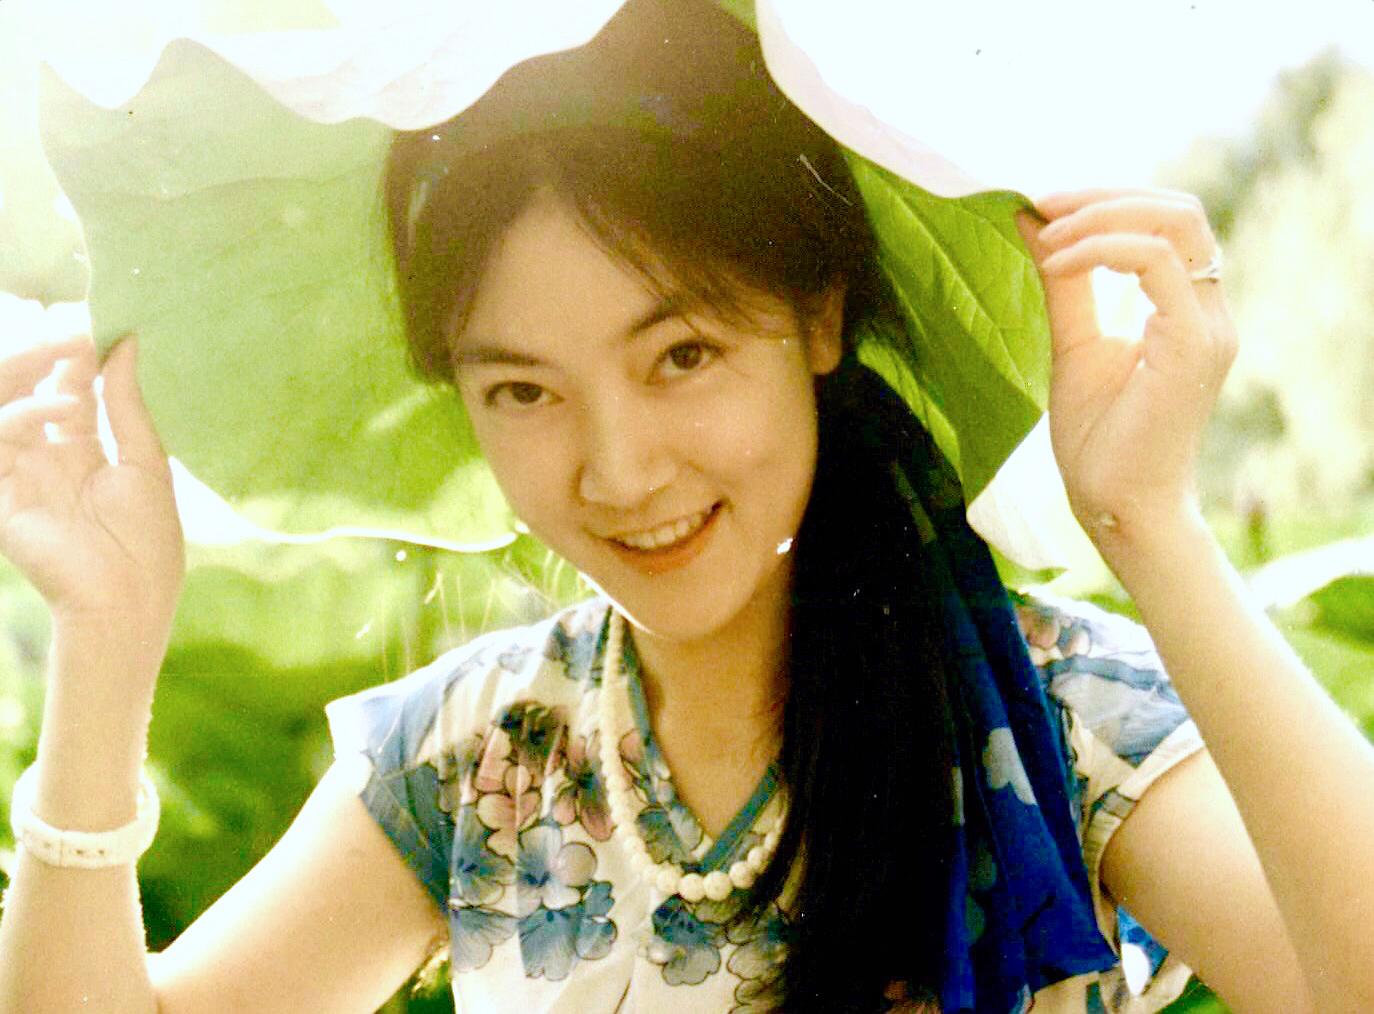 Jennifer in Summer Palace in  Beijing in 1990. 曾錚1990年攝於北京頤和園